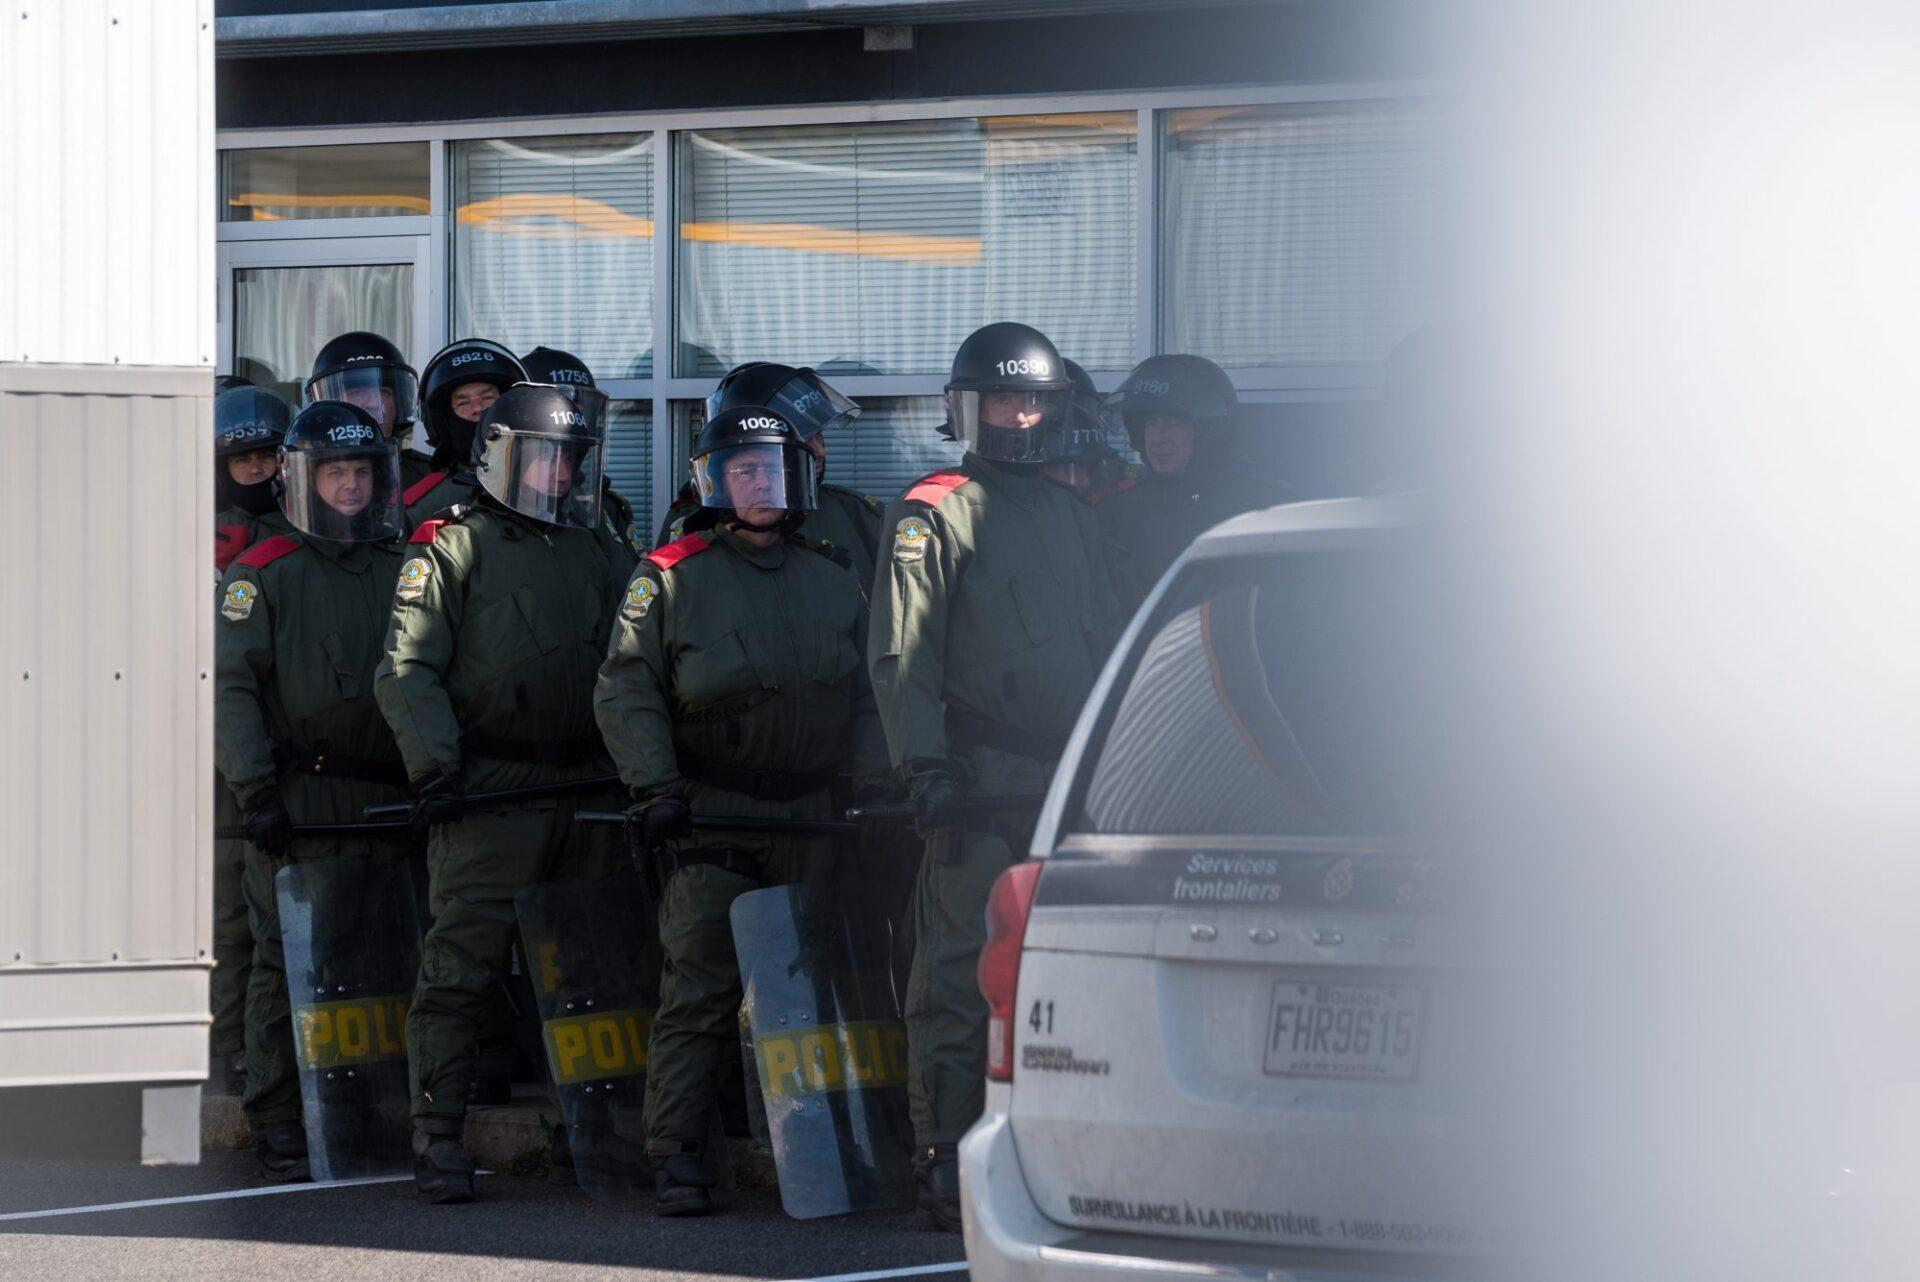 L'antiémeute de la Sûreté du Québec est restée dans l'ombre jusqu'à l'arrivée des manifestants de Storm Alliance | Photo: Martin Ouellet-Diotte Montréal Campus